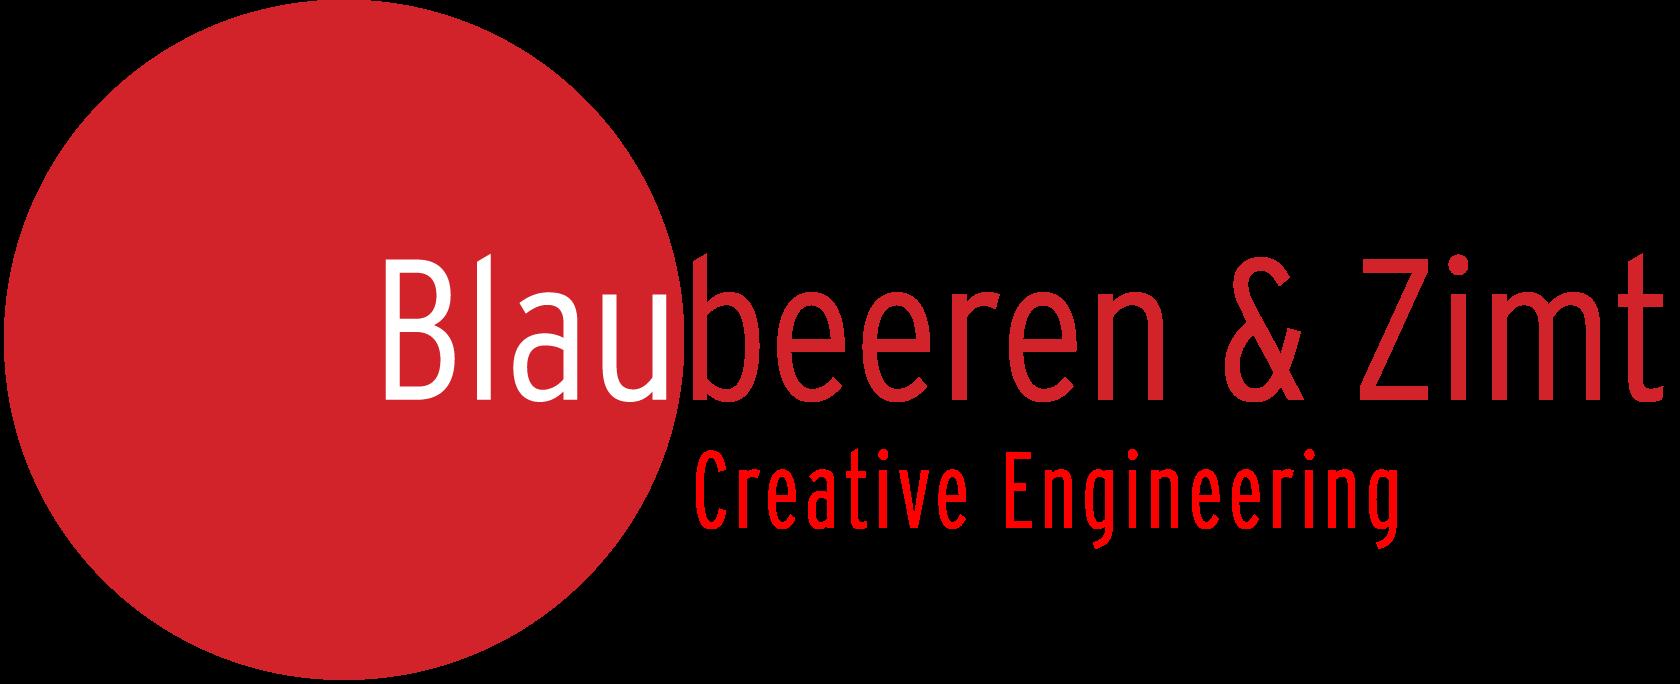 Blaubeeren und Zimt Creative Engineering